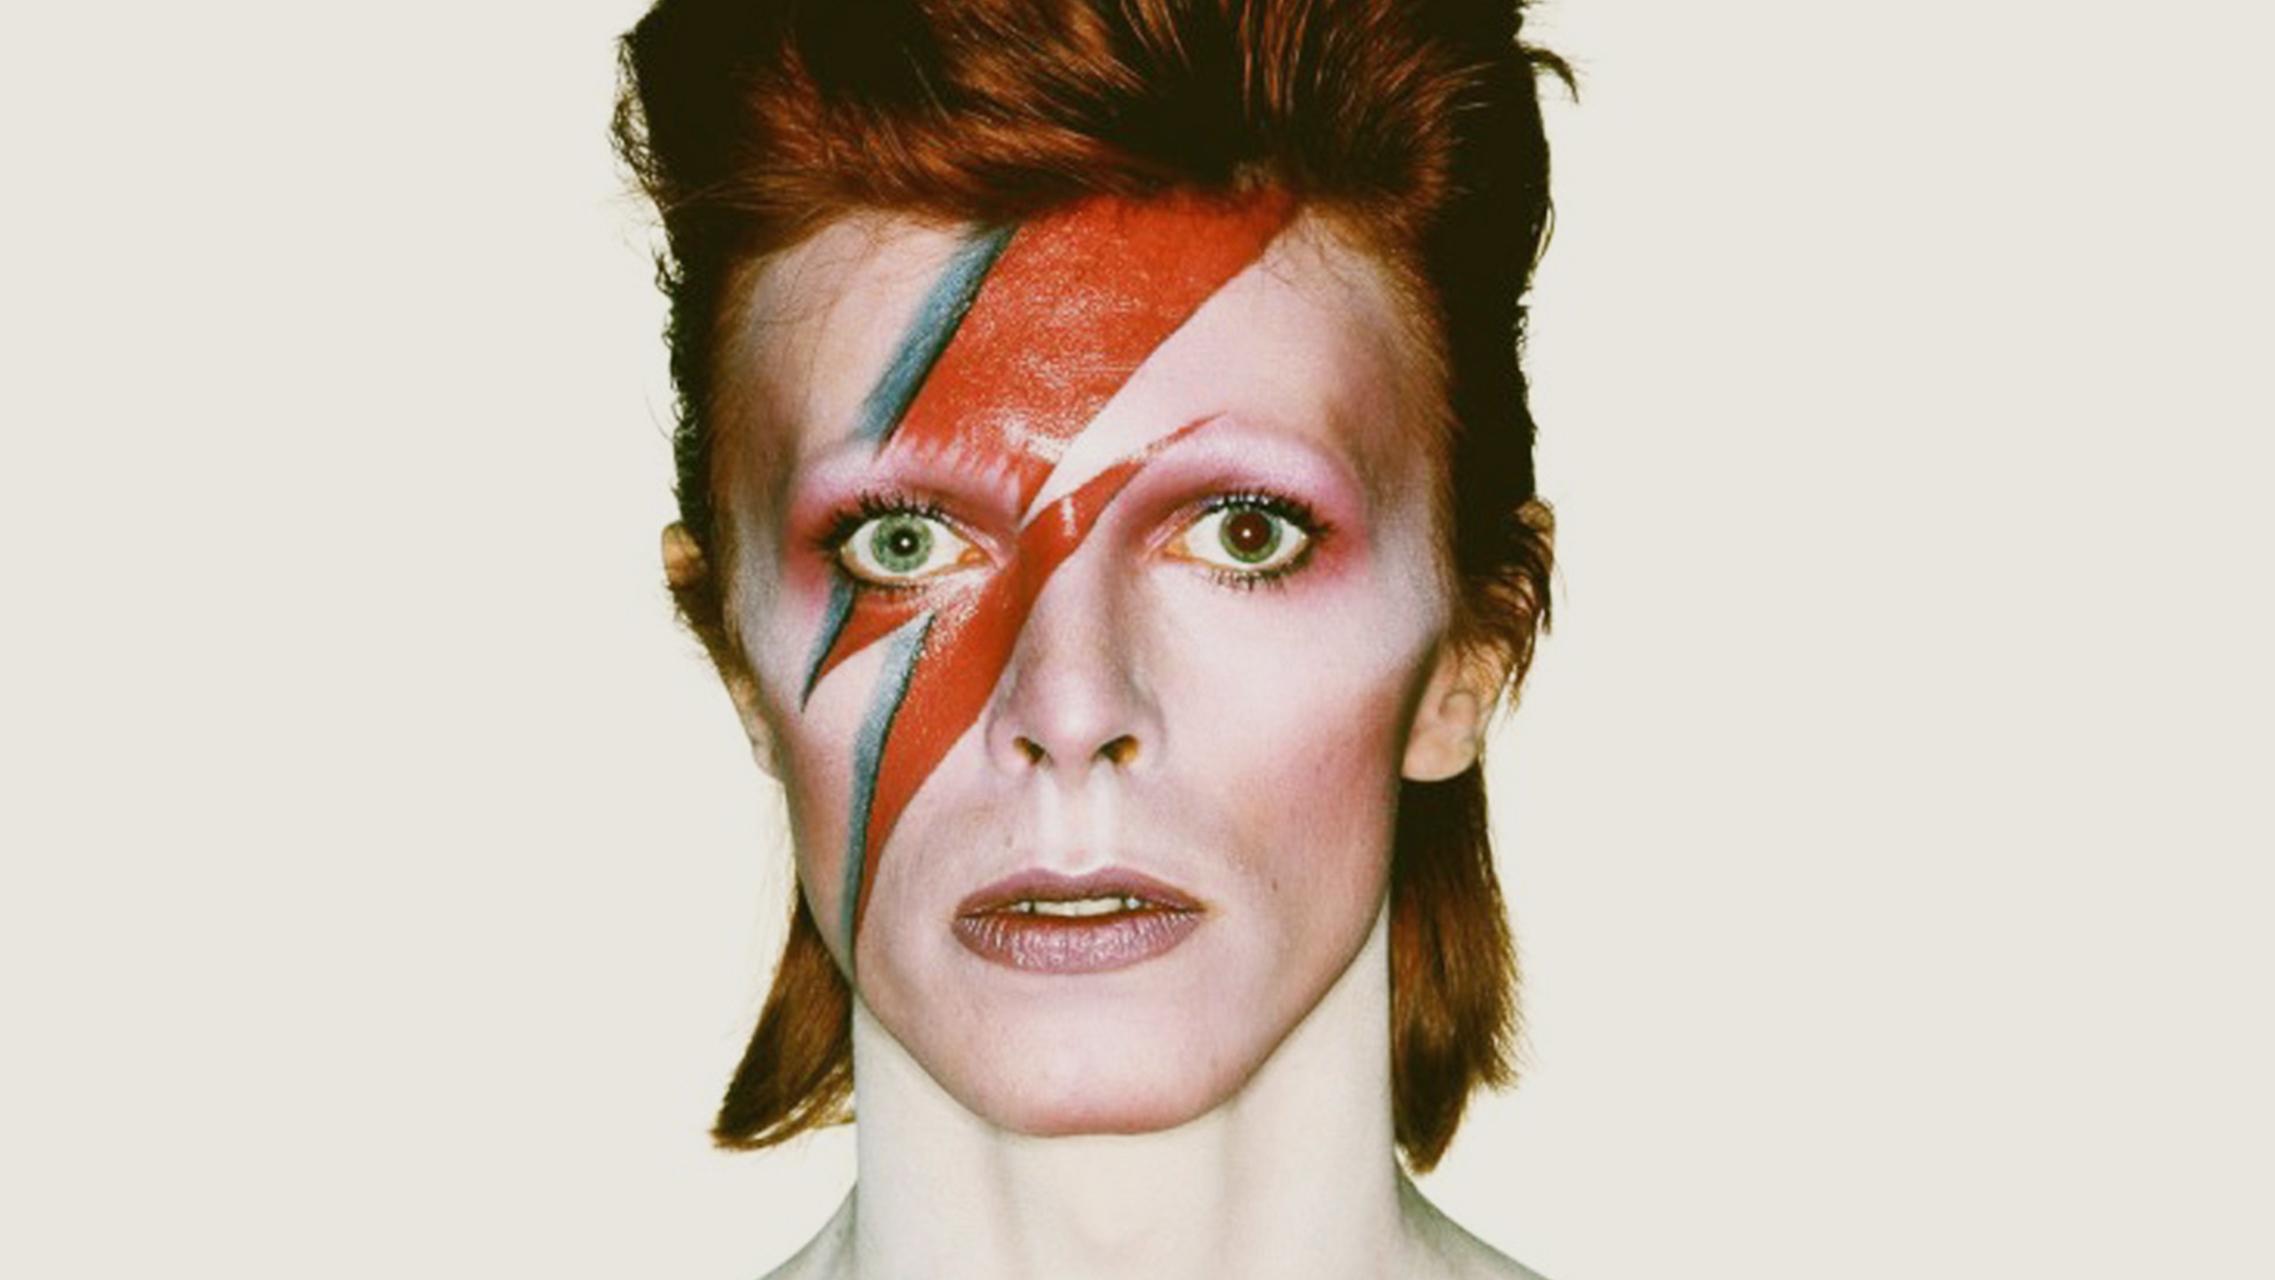 David Bowie: in arrivo un film sul Duca Bianco? - App al Cinema